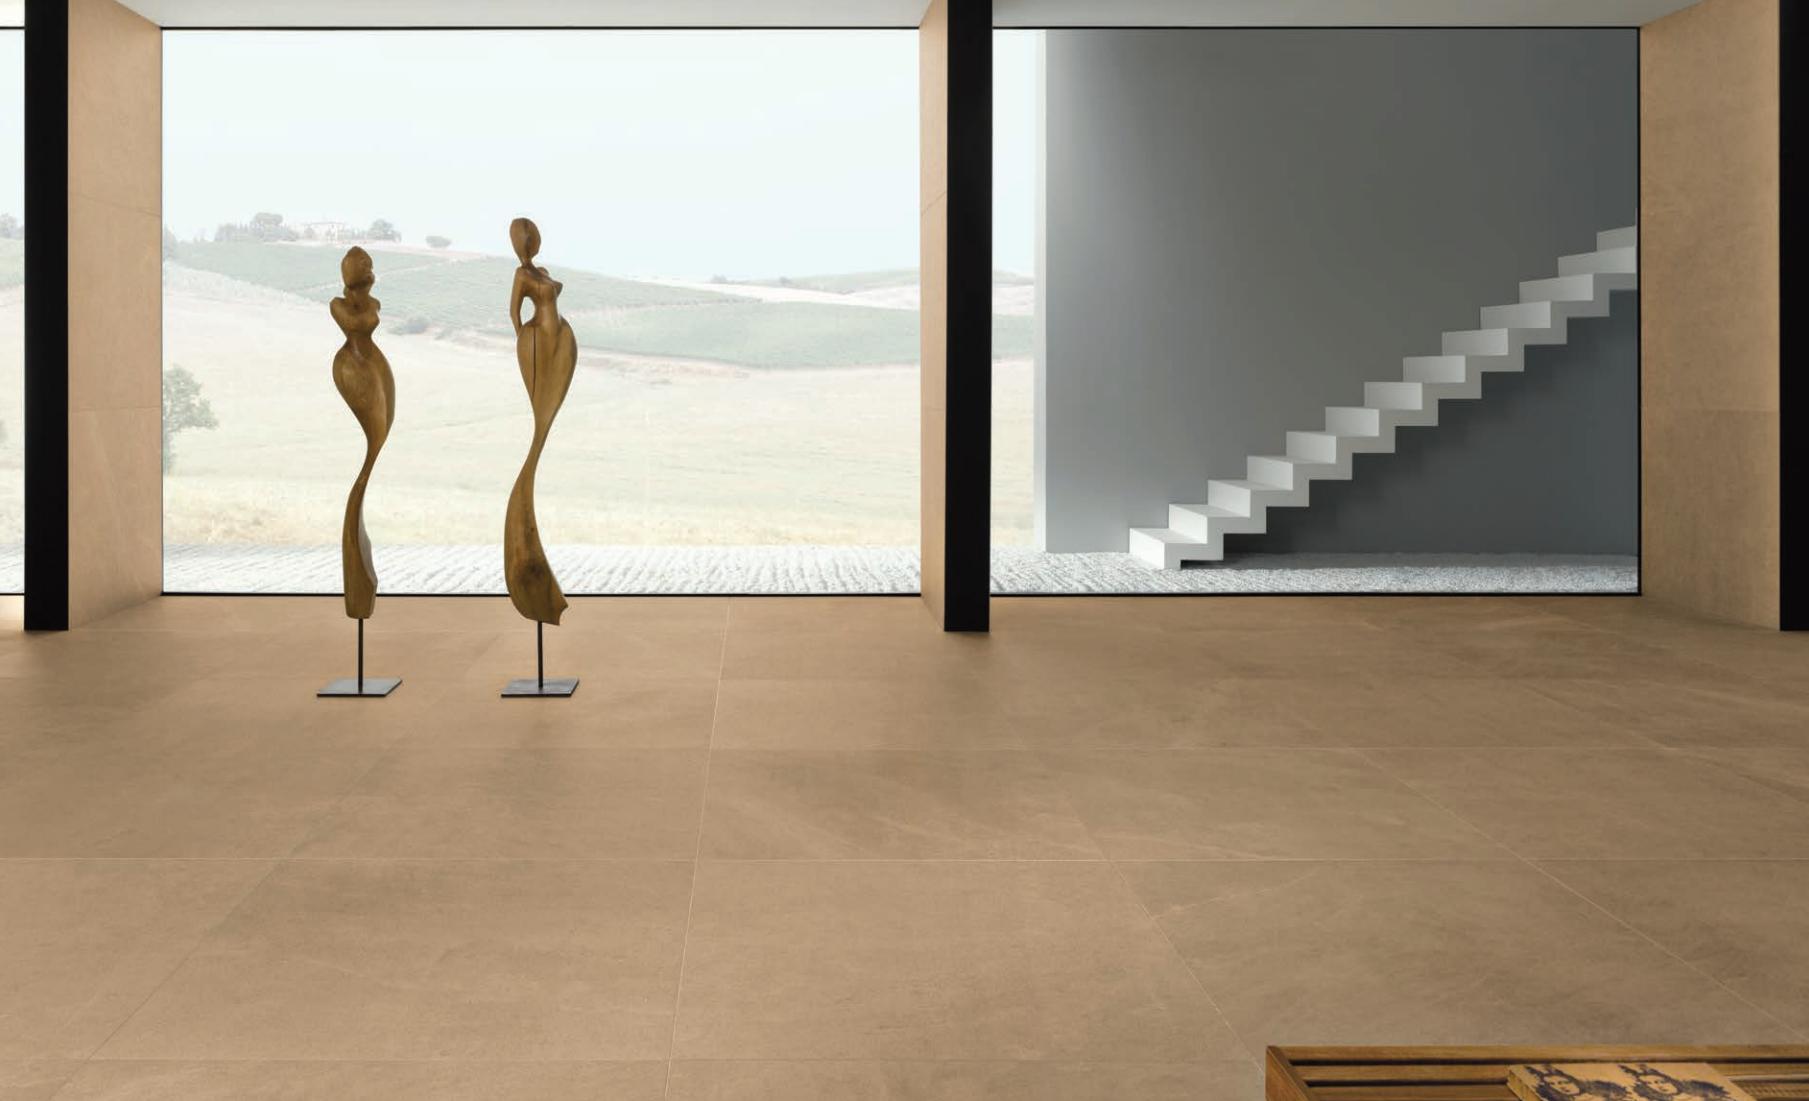 Cotto D'Este & Kerlite: Beide Produkte schaffen neue innenarchitektonische Gestaltungsmöglichkeiten.